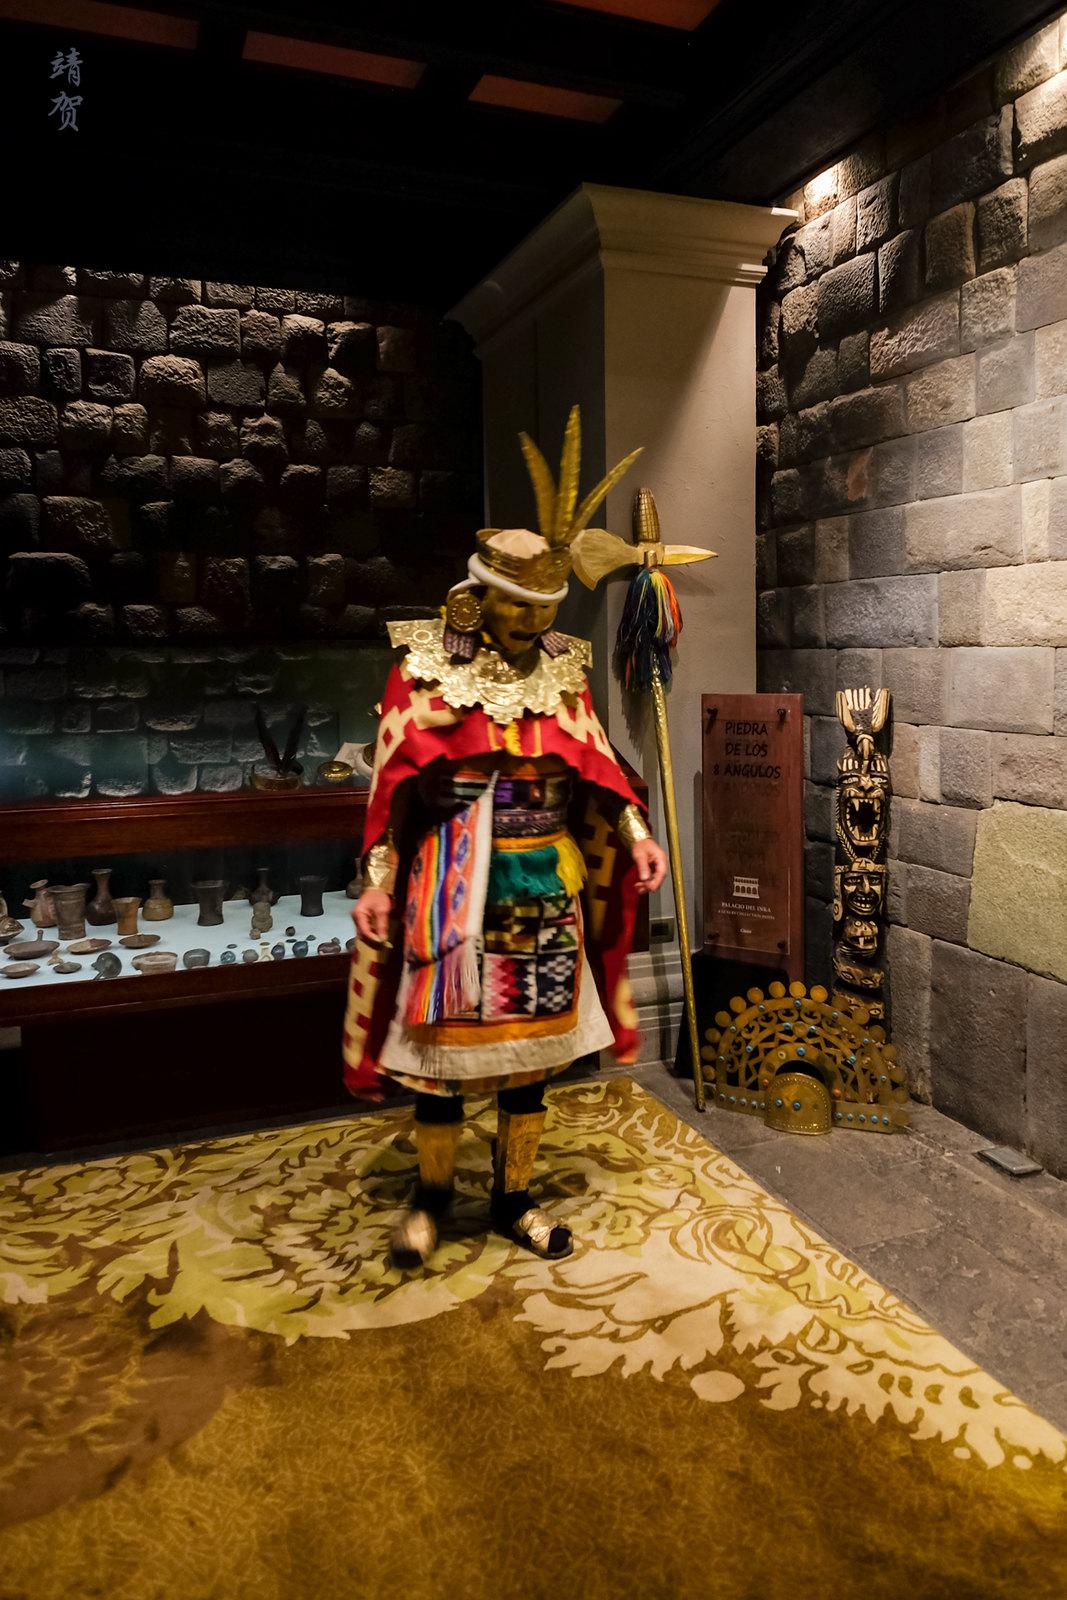 Inca warrior tour guide